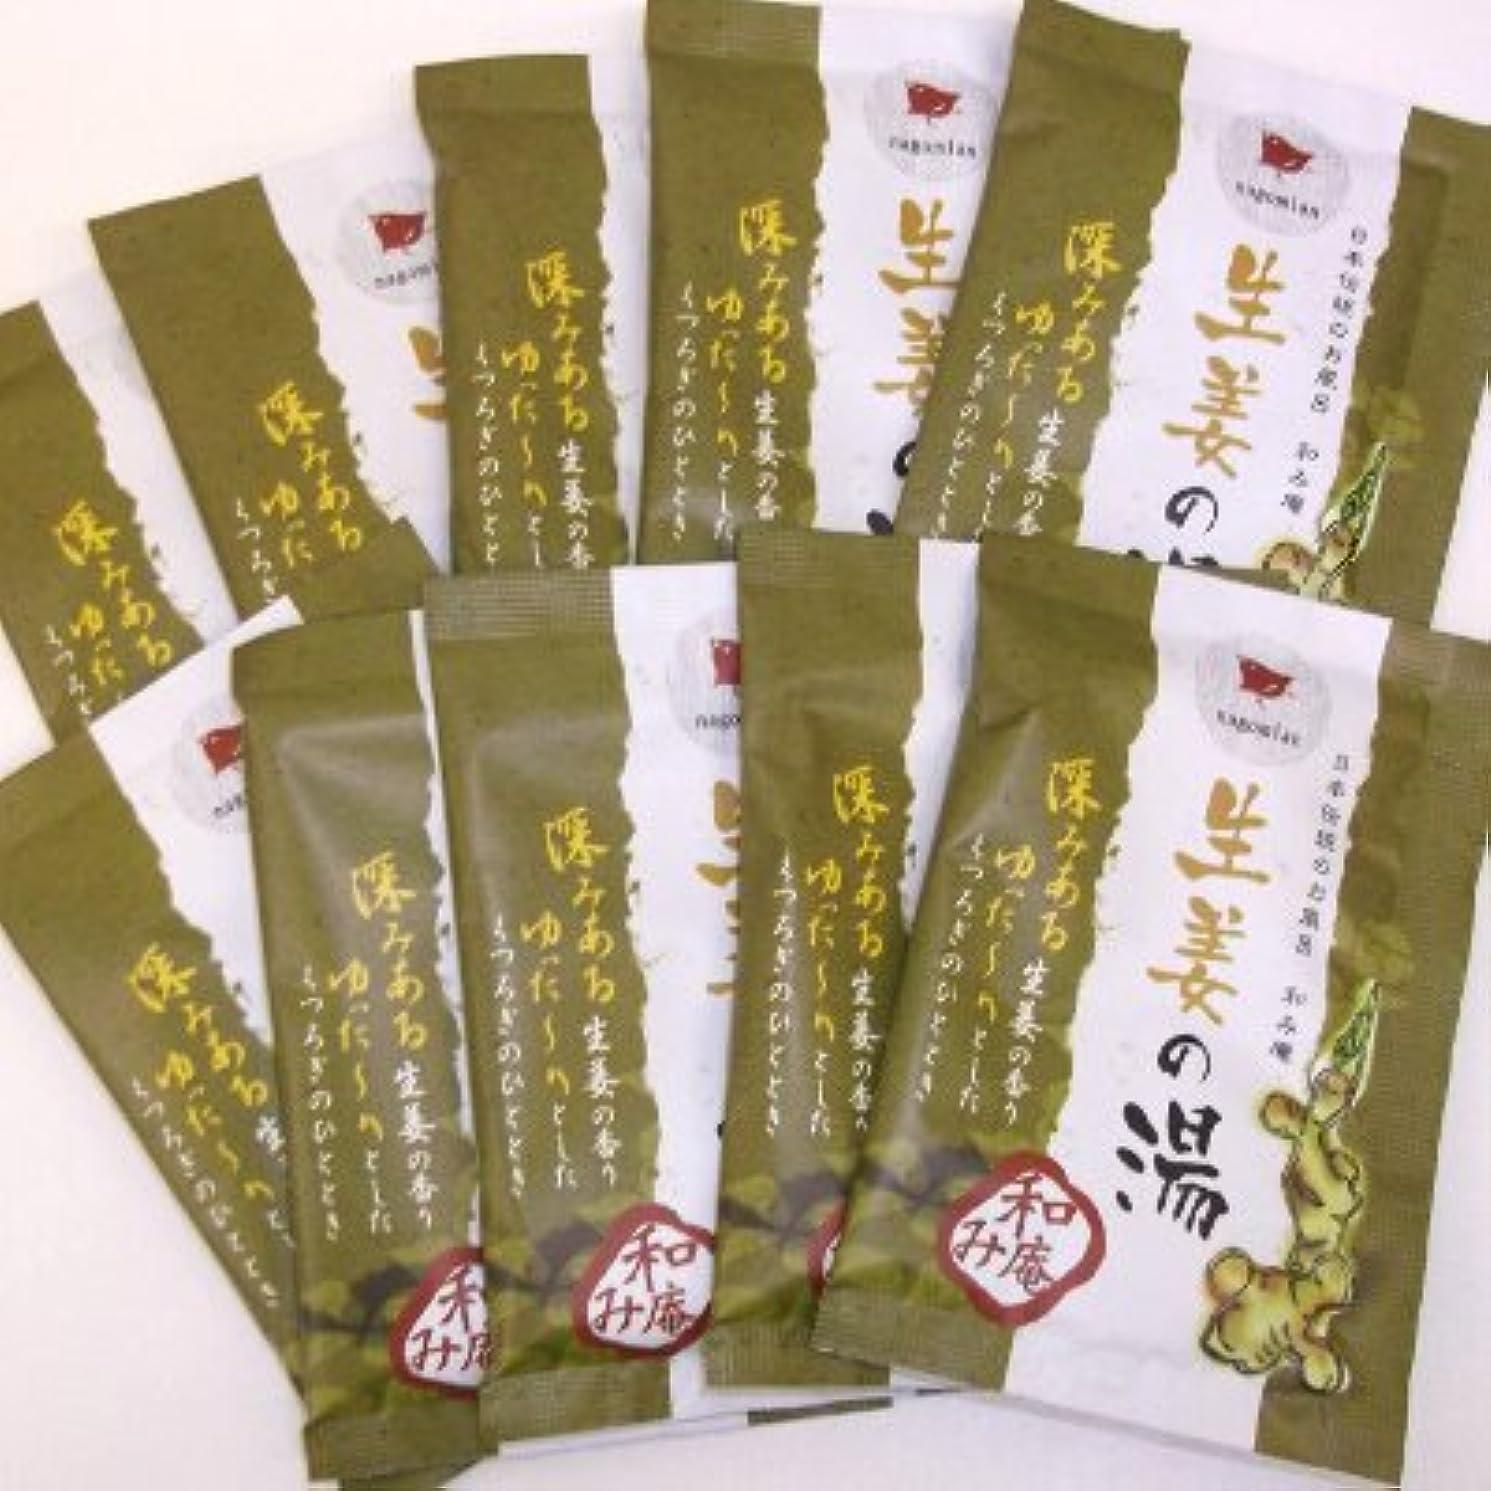 野菜むき出し調査和み庵 生姜の湯 10包セット